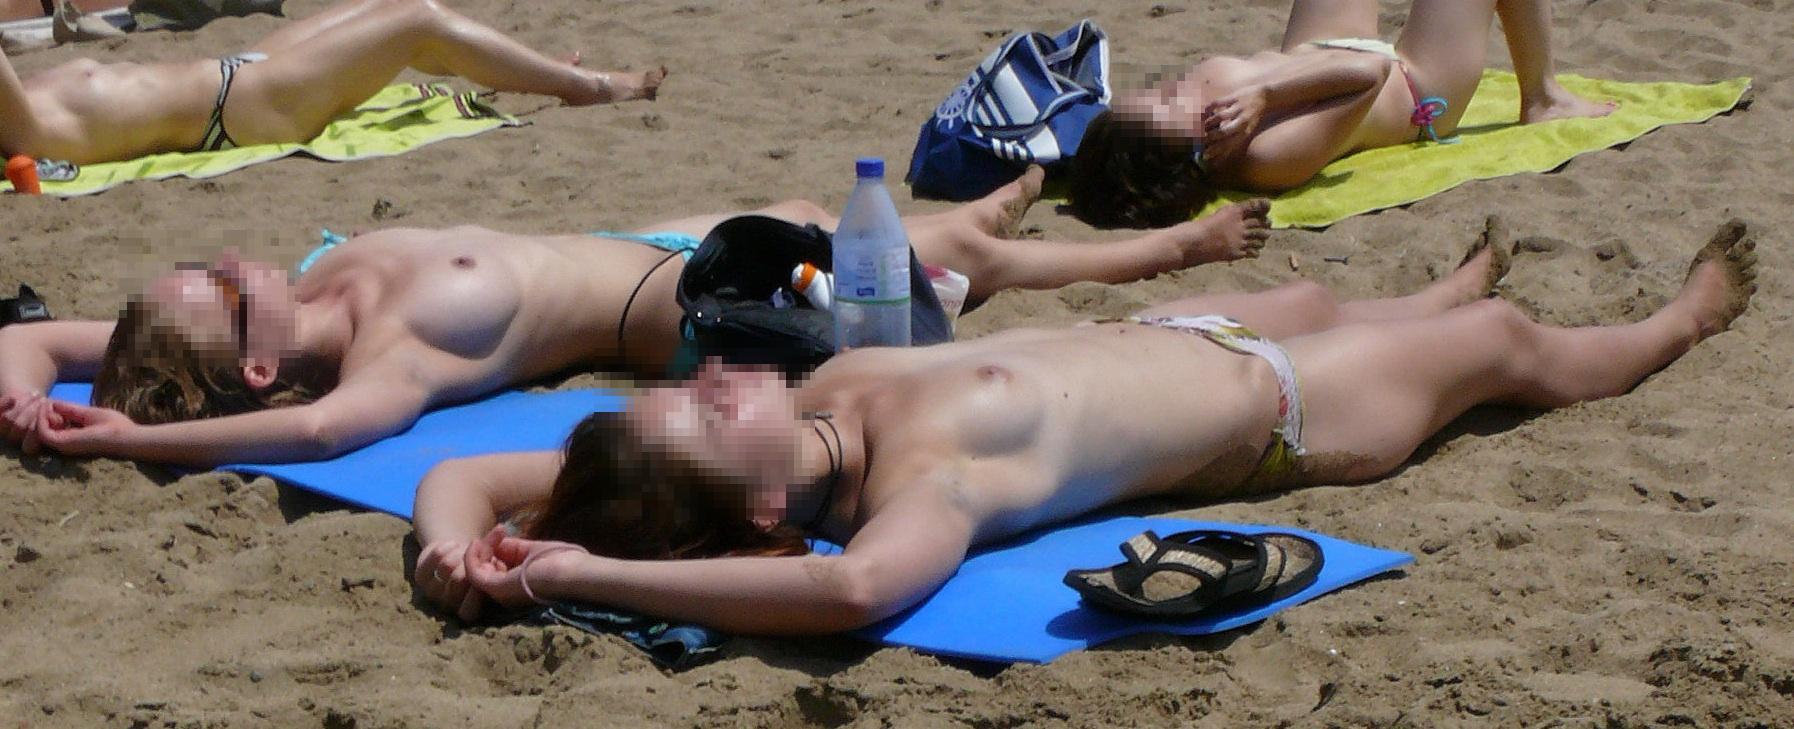 voyeurisme nudiste belgië